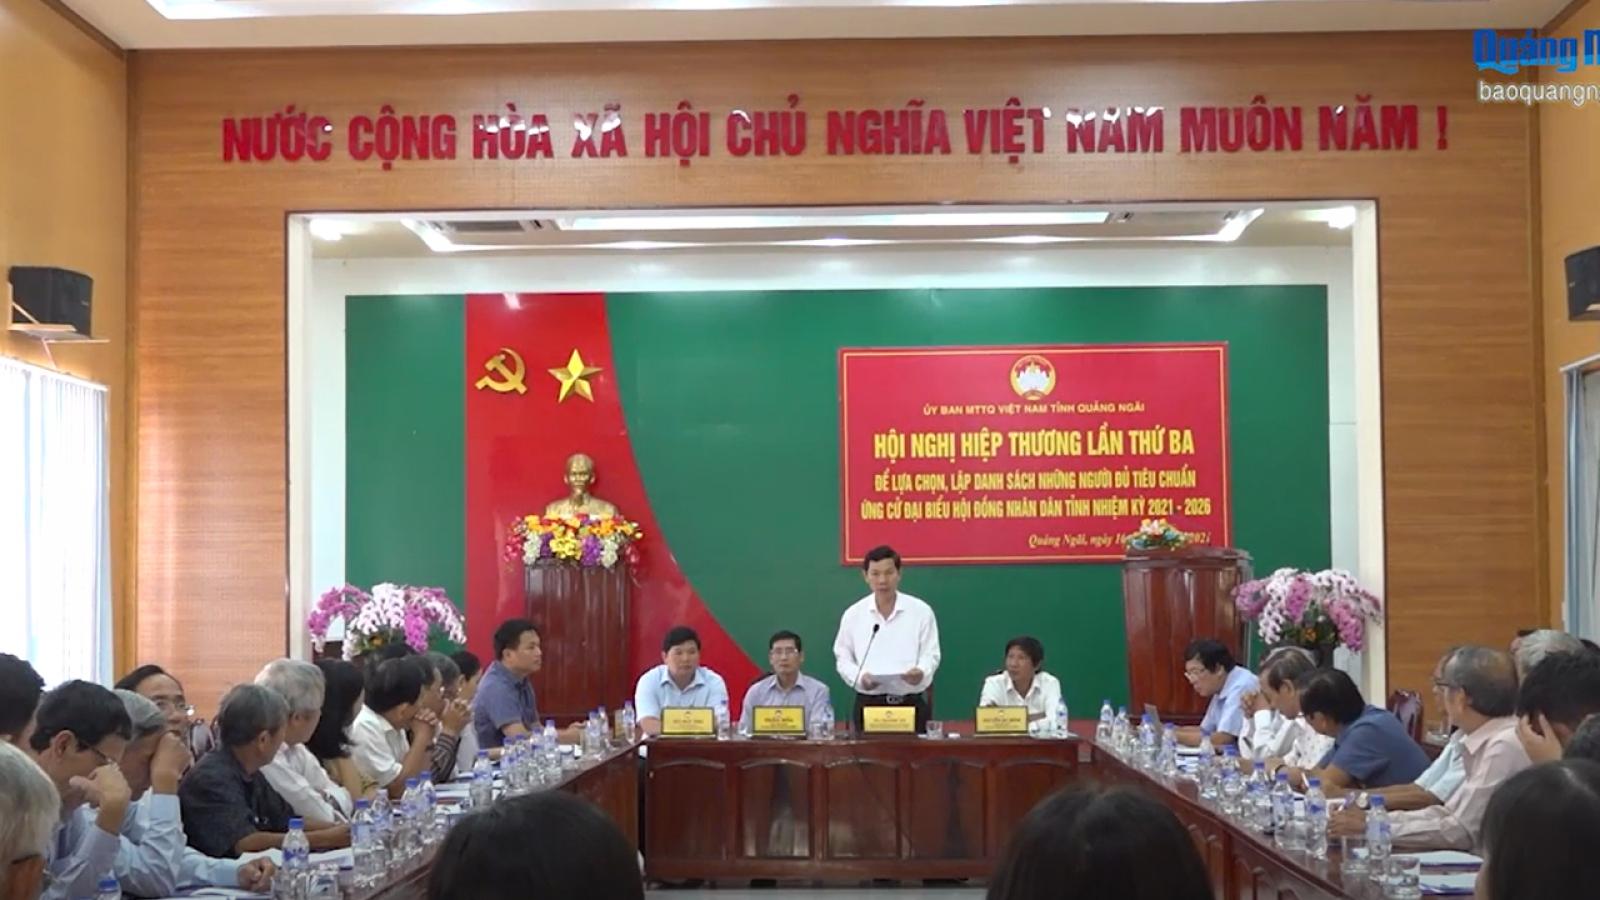 50% số người ứng cử ĐBQH tại Quảng Ngãi là nữ